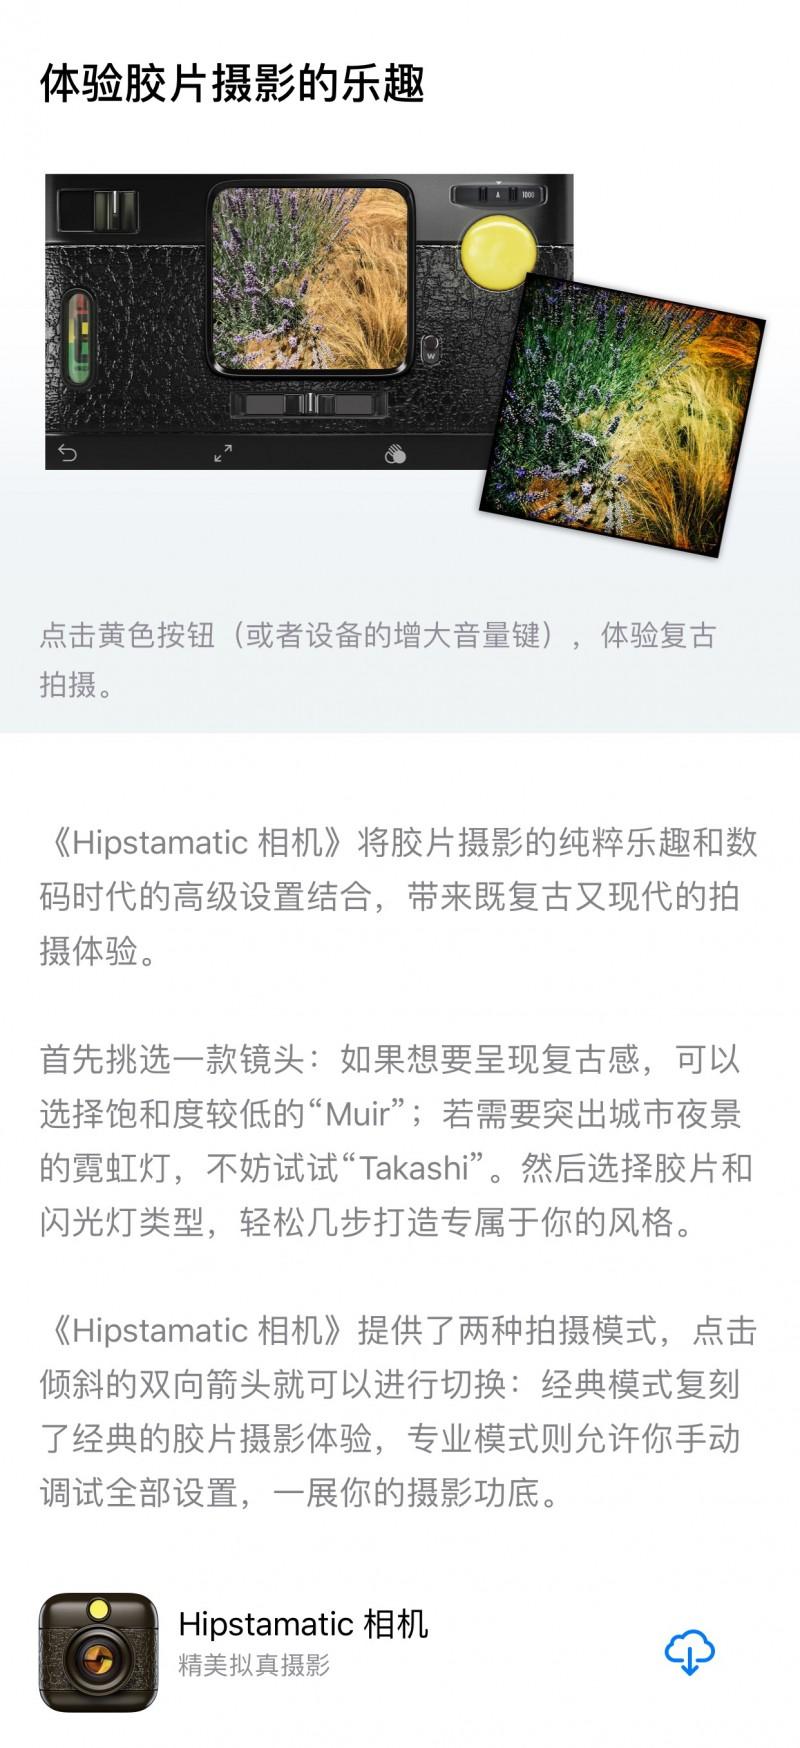 [已购]Hipstamatic 相机-草蜢资源